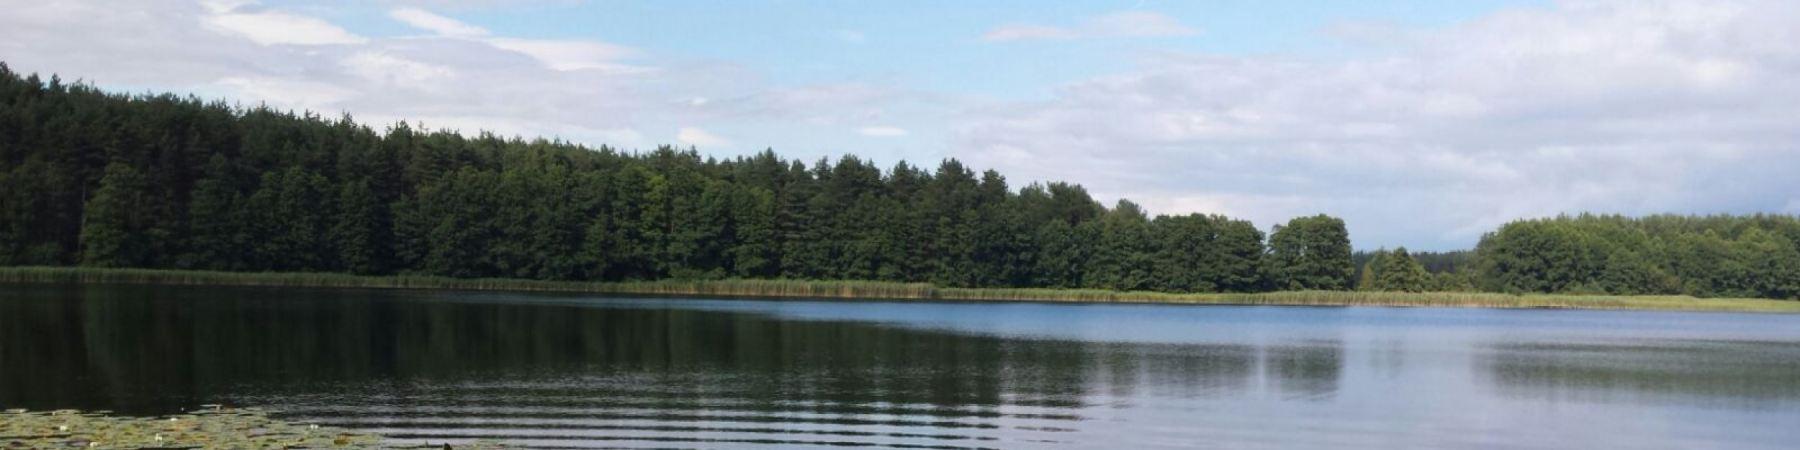 Unser Schöner See